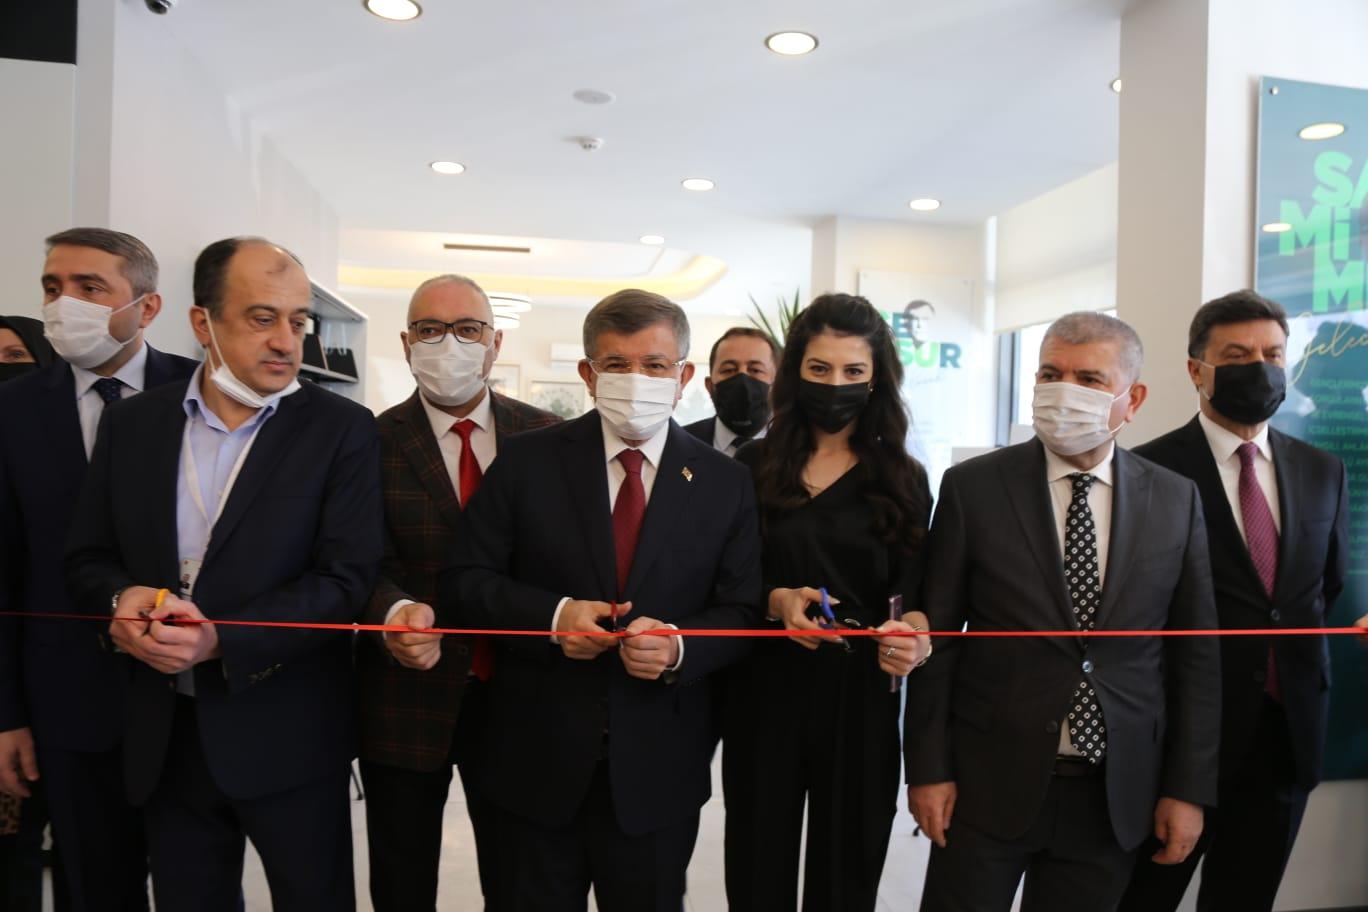 Yurtdışındaki Osmanlı Mimari Mirası Sergisinin Açılışı Sayın Genel Başkanımız tarafından yapıldı